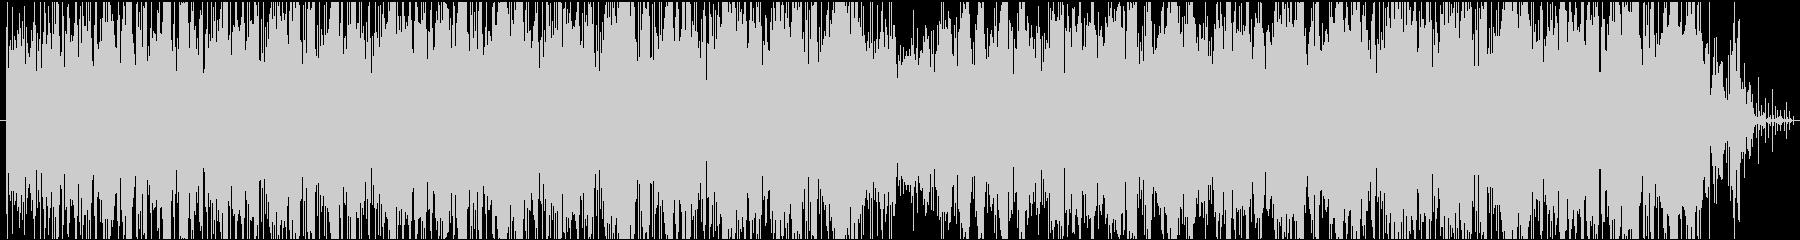 大人な雰囲気のグルーブパターンの未再生の波形